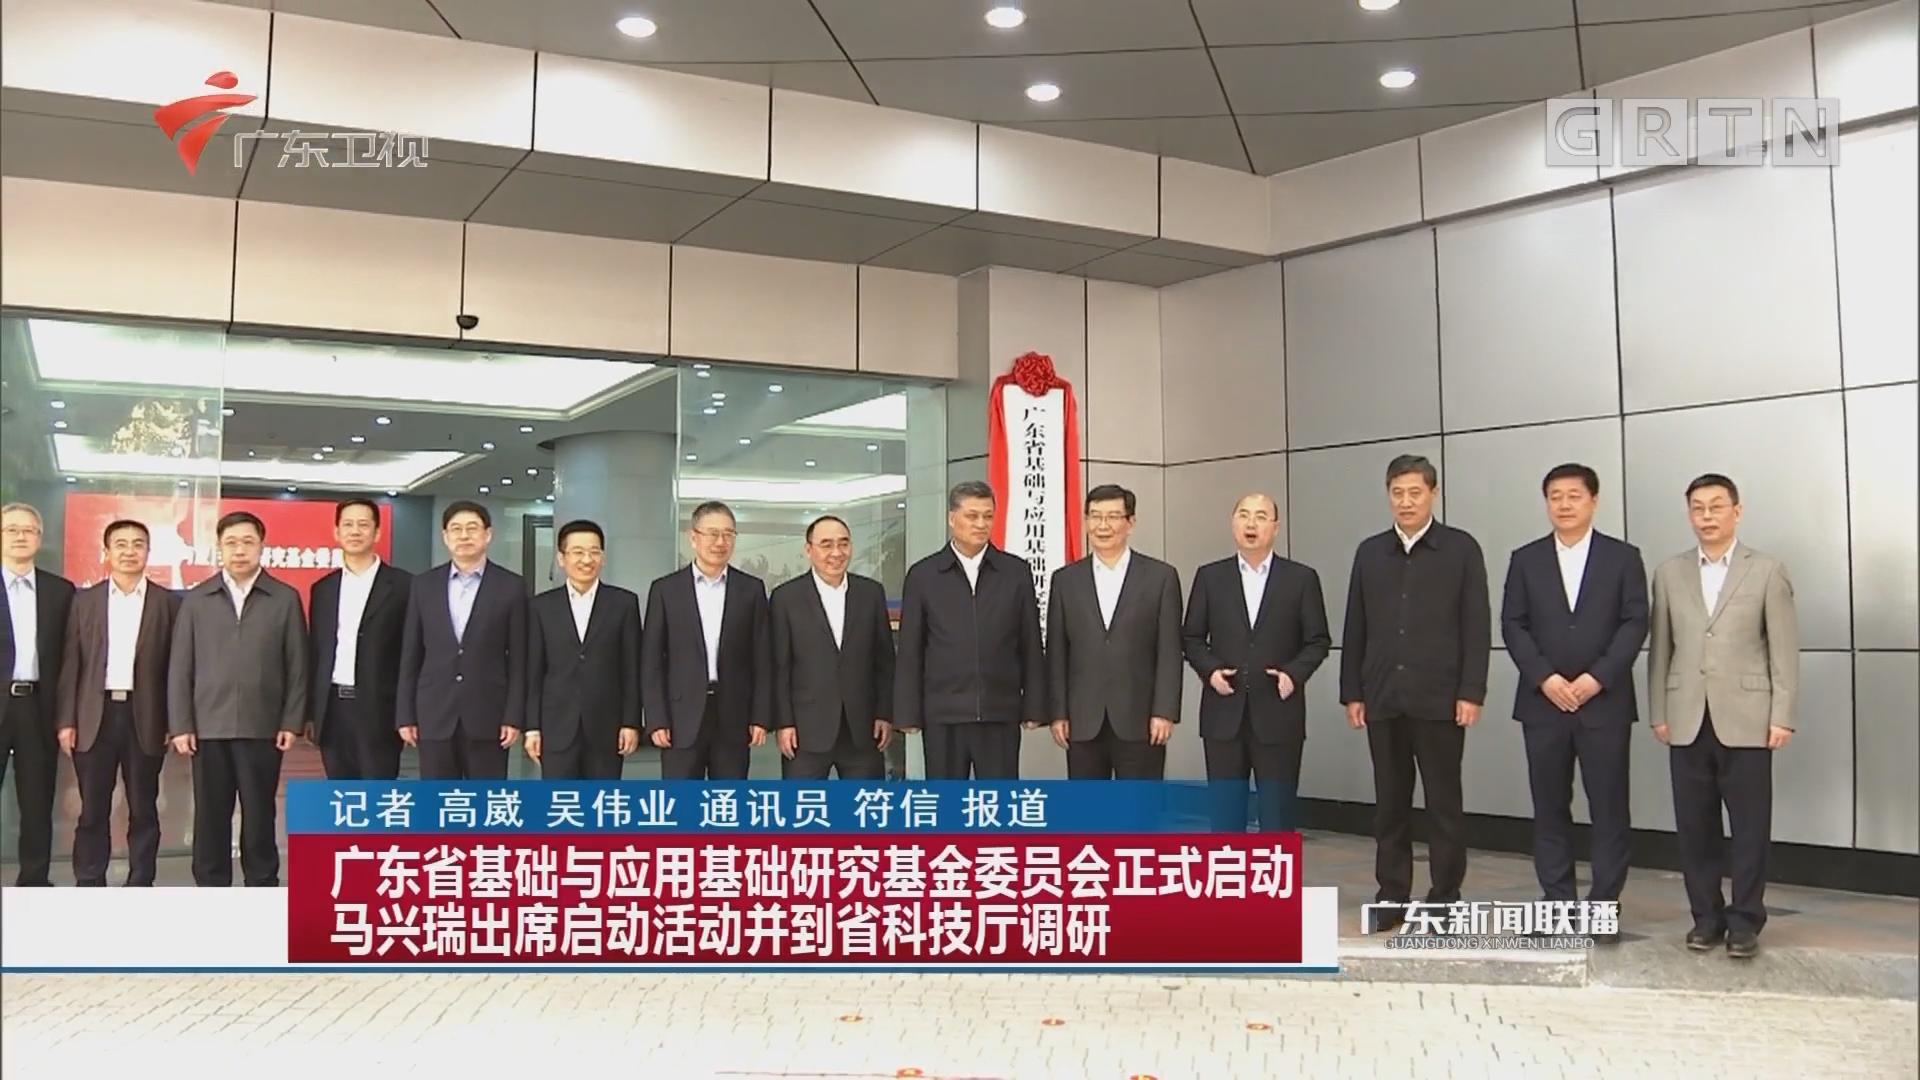 广东省基础与应用基础研究基金委员会正式启动 马兴瑞出席启动活动并到省科技厅调研